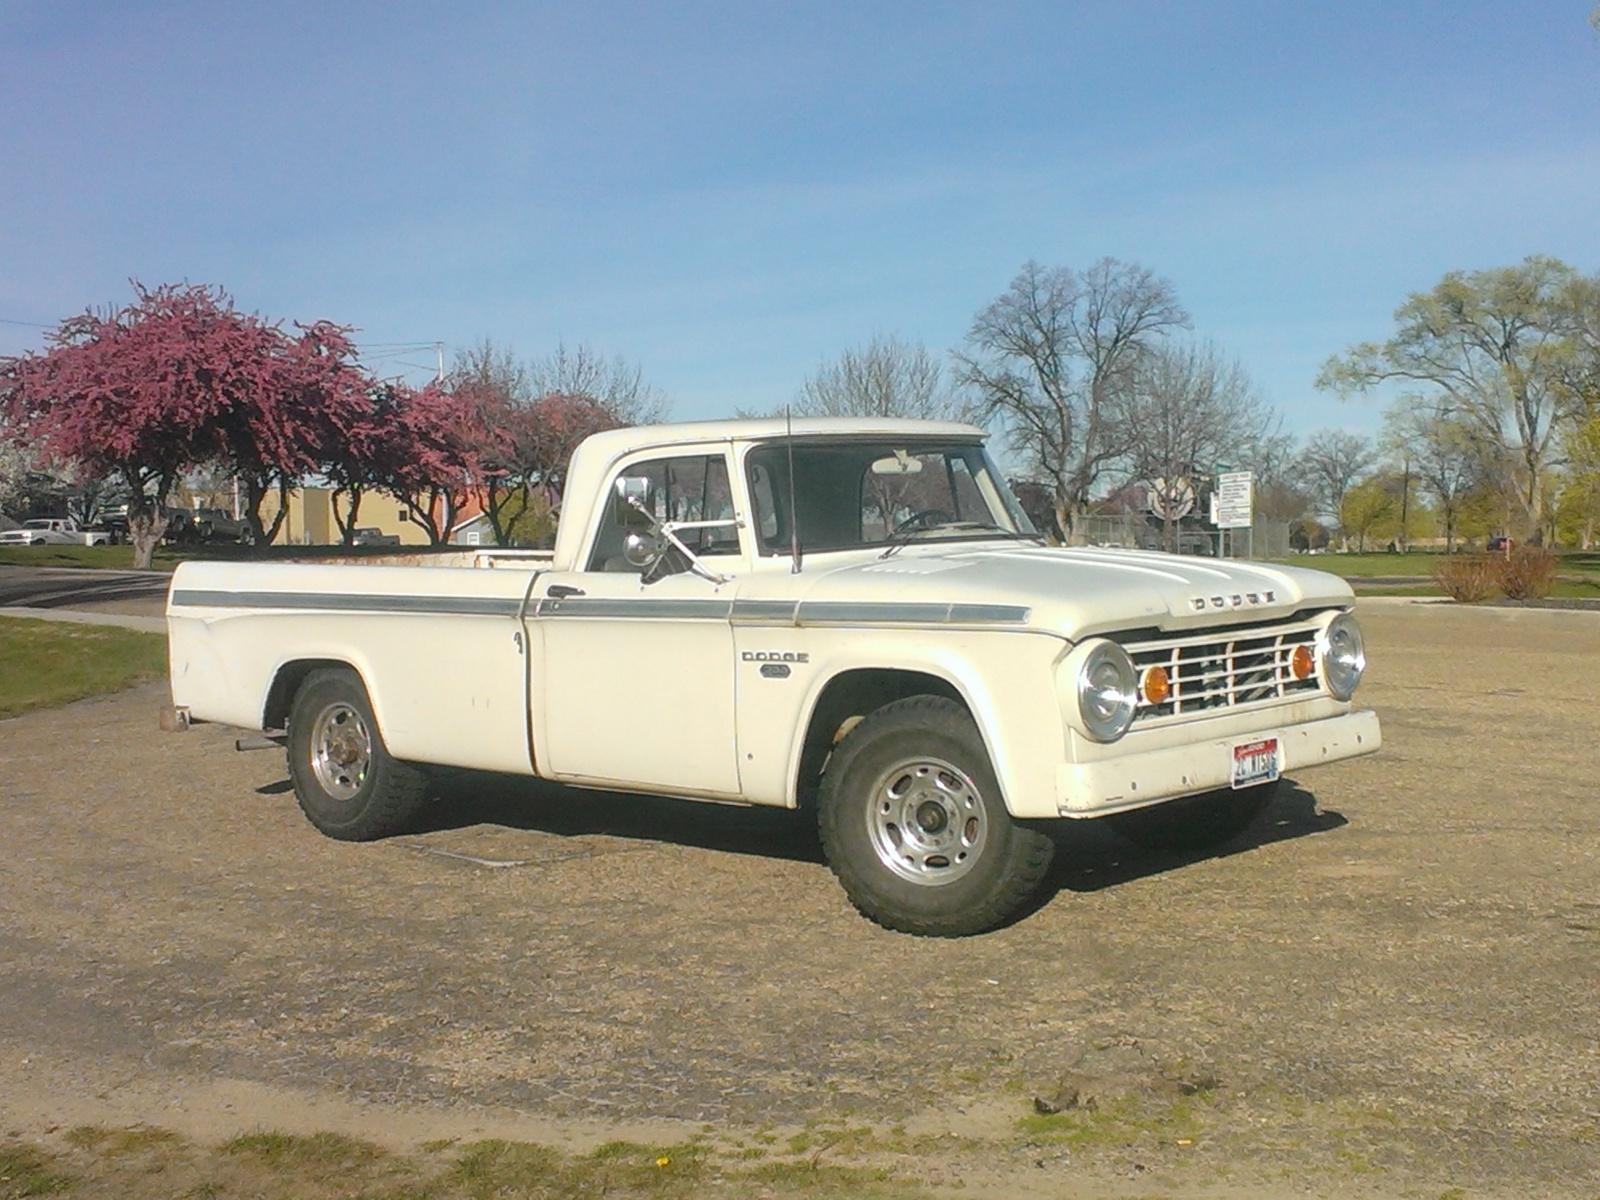 Original Dreamsicle 1964 Dodge D100 1949 Truck I